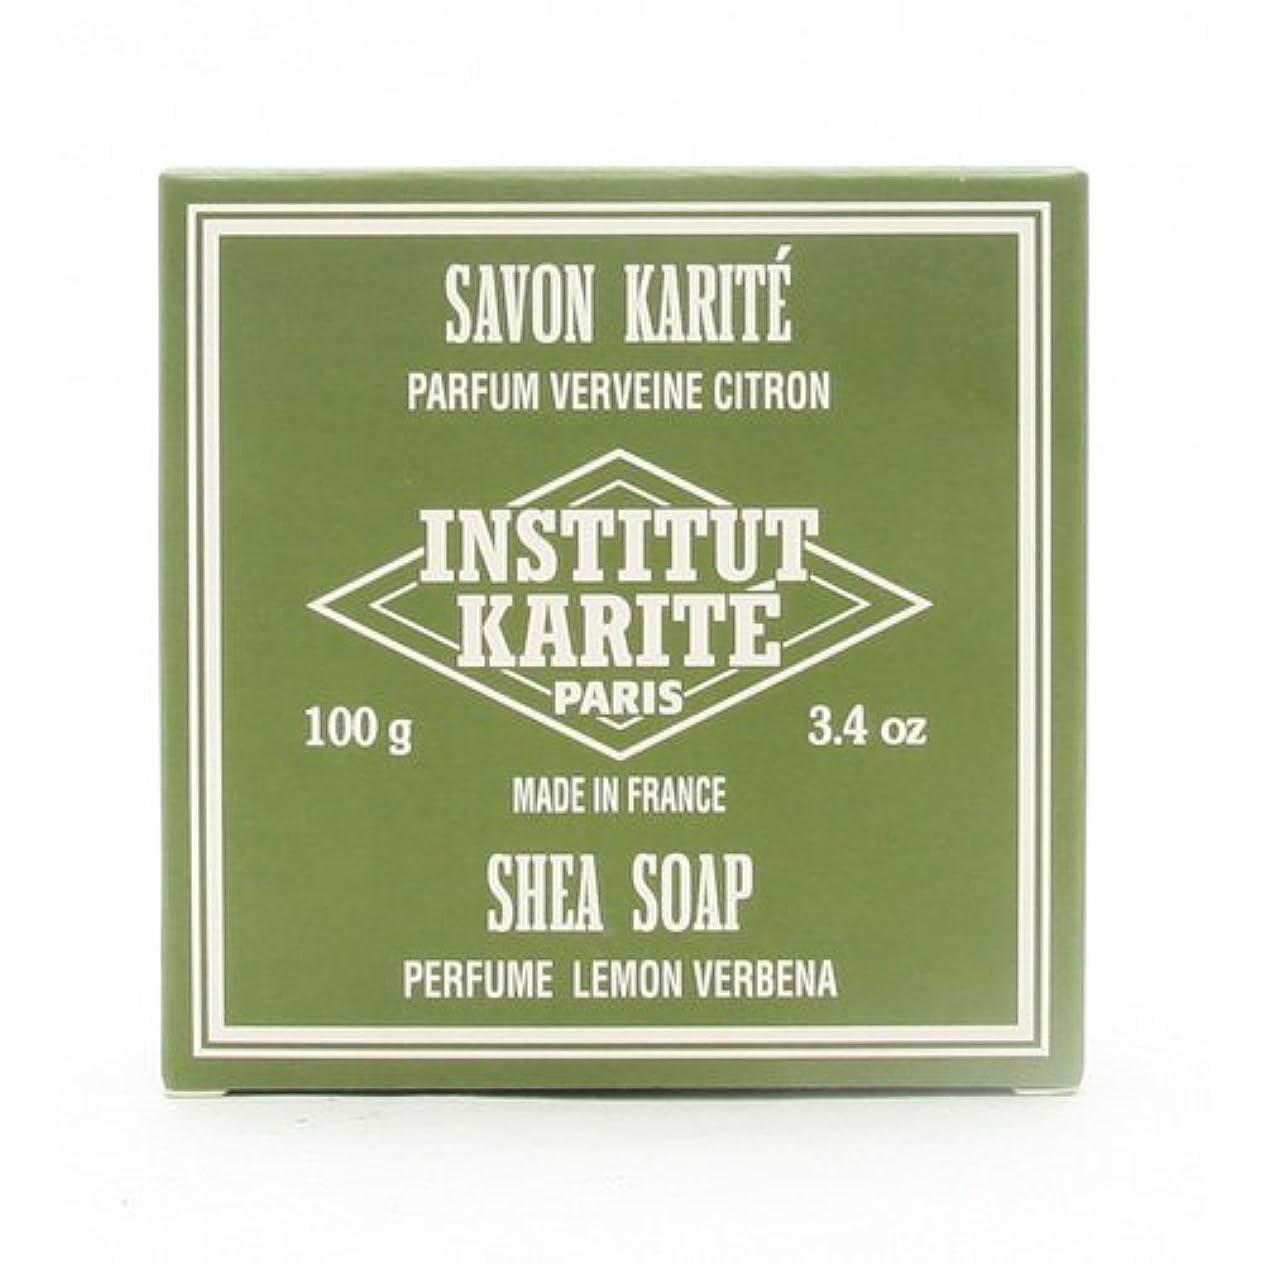 有用ゲスト疑い者INSTITUT KARITE インスティテュート カリテ 25% Extra Gentle Soap ジェントルソープ 100g Lemon Vervenaレモンバーベナ